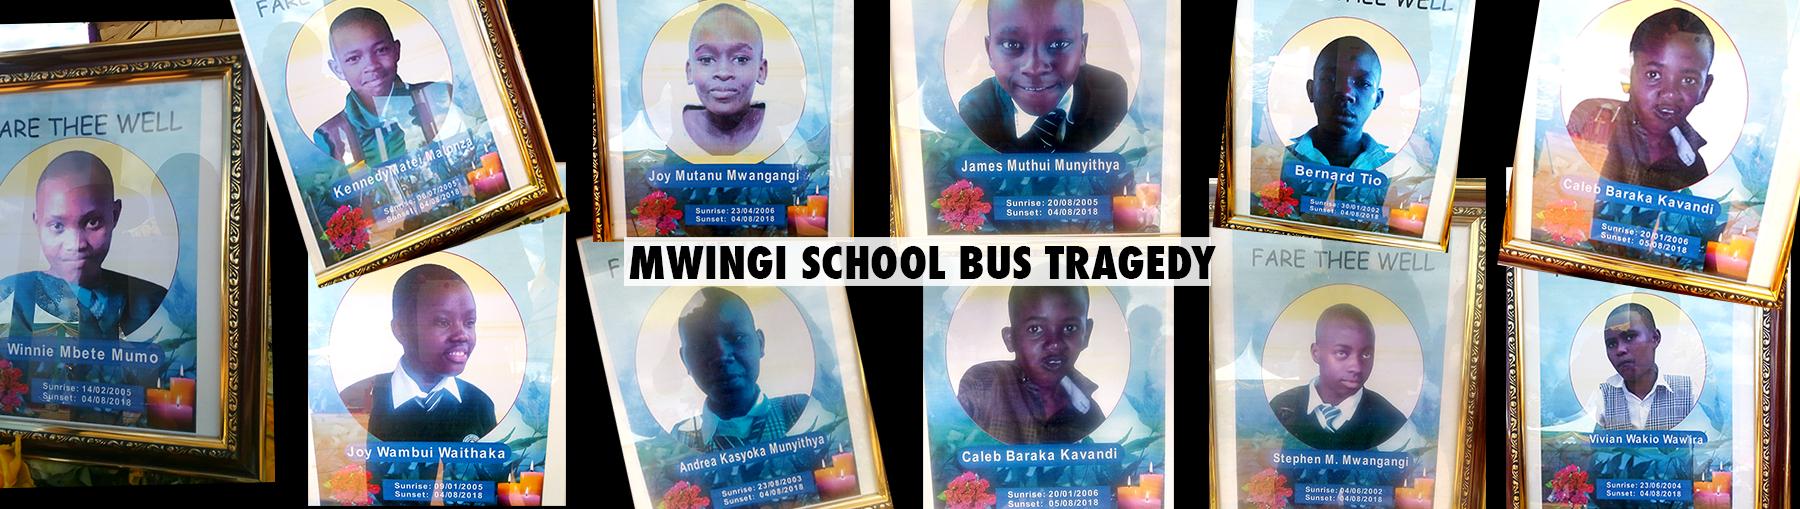 mwingi school bus tragedy